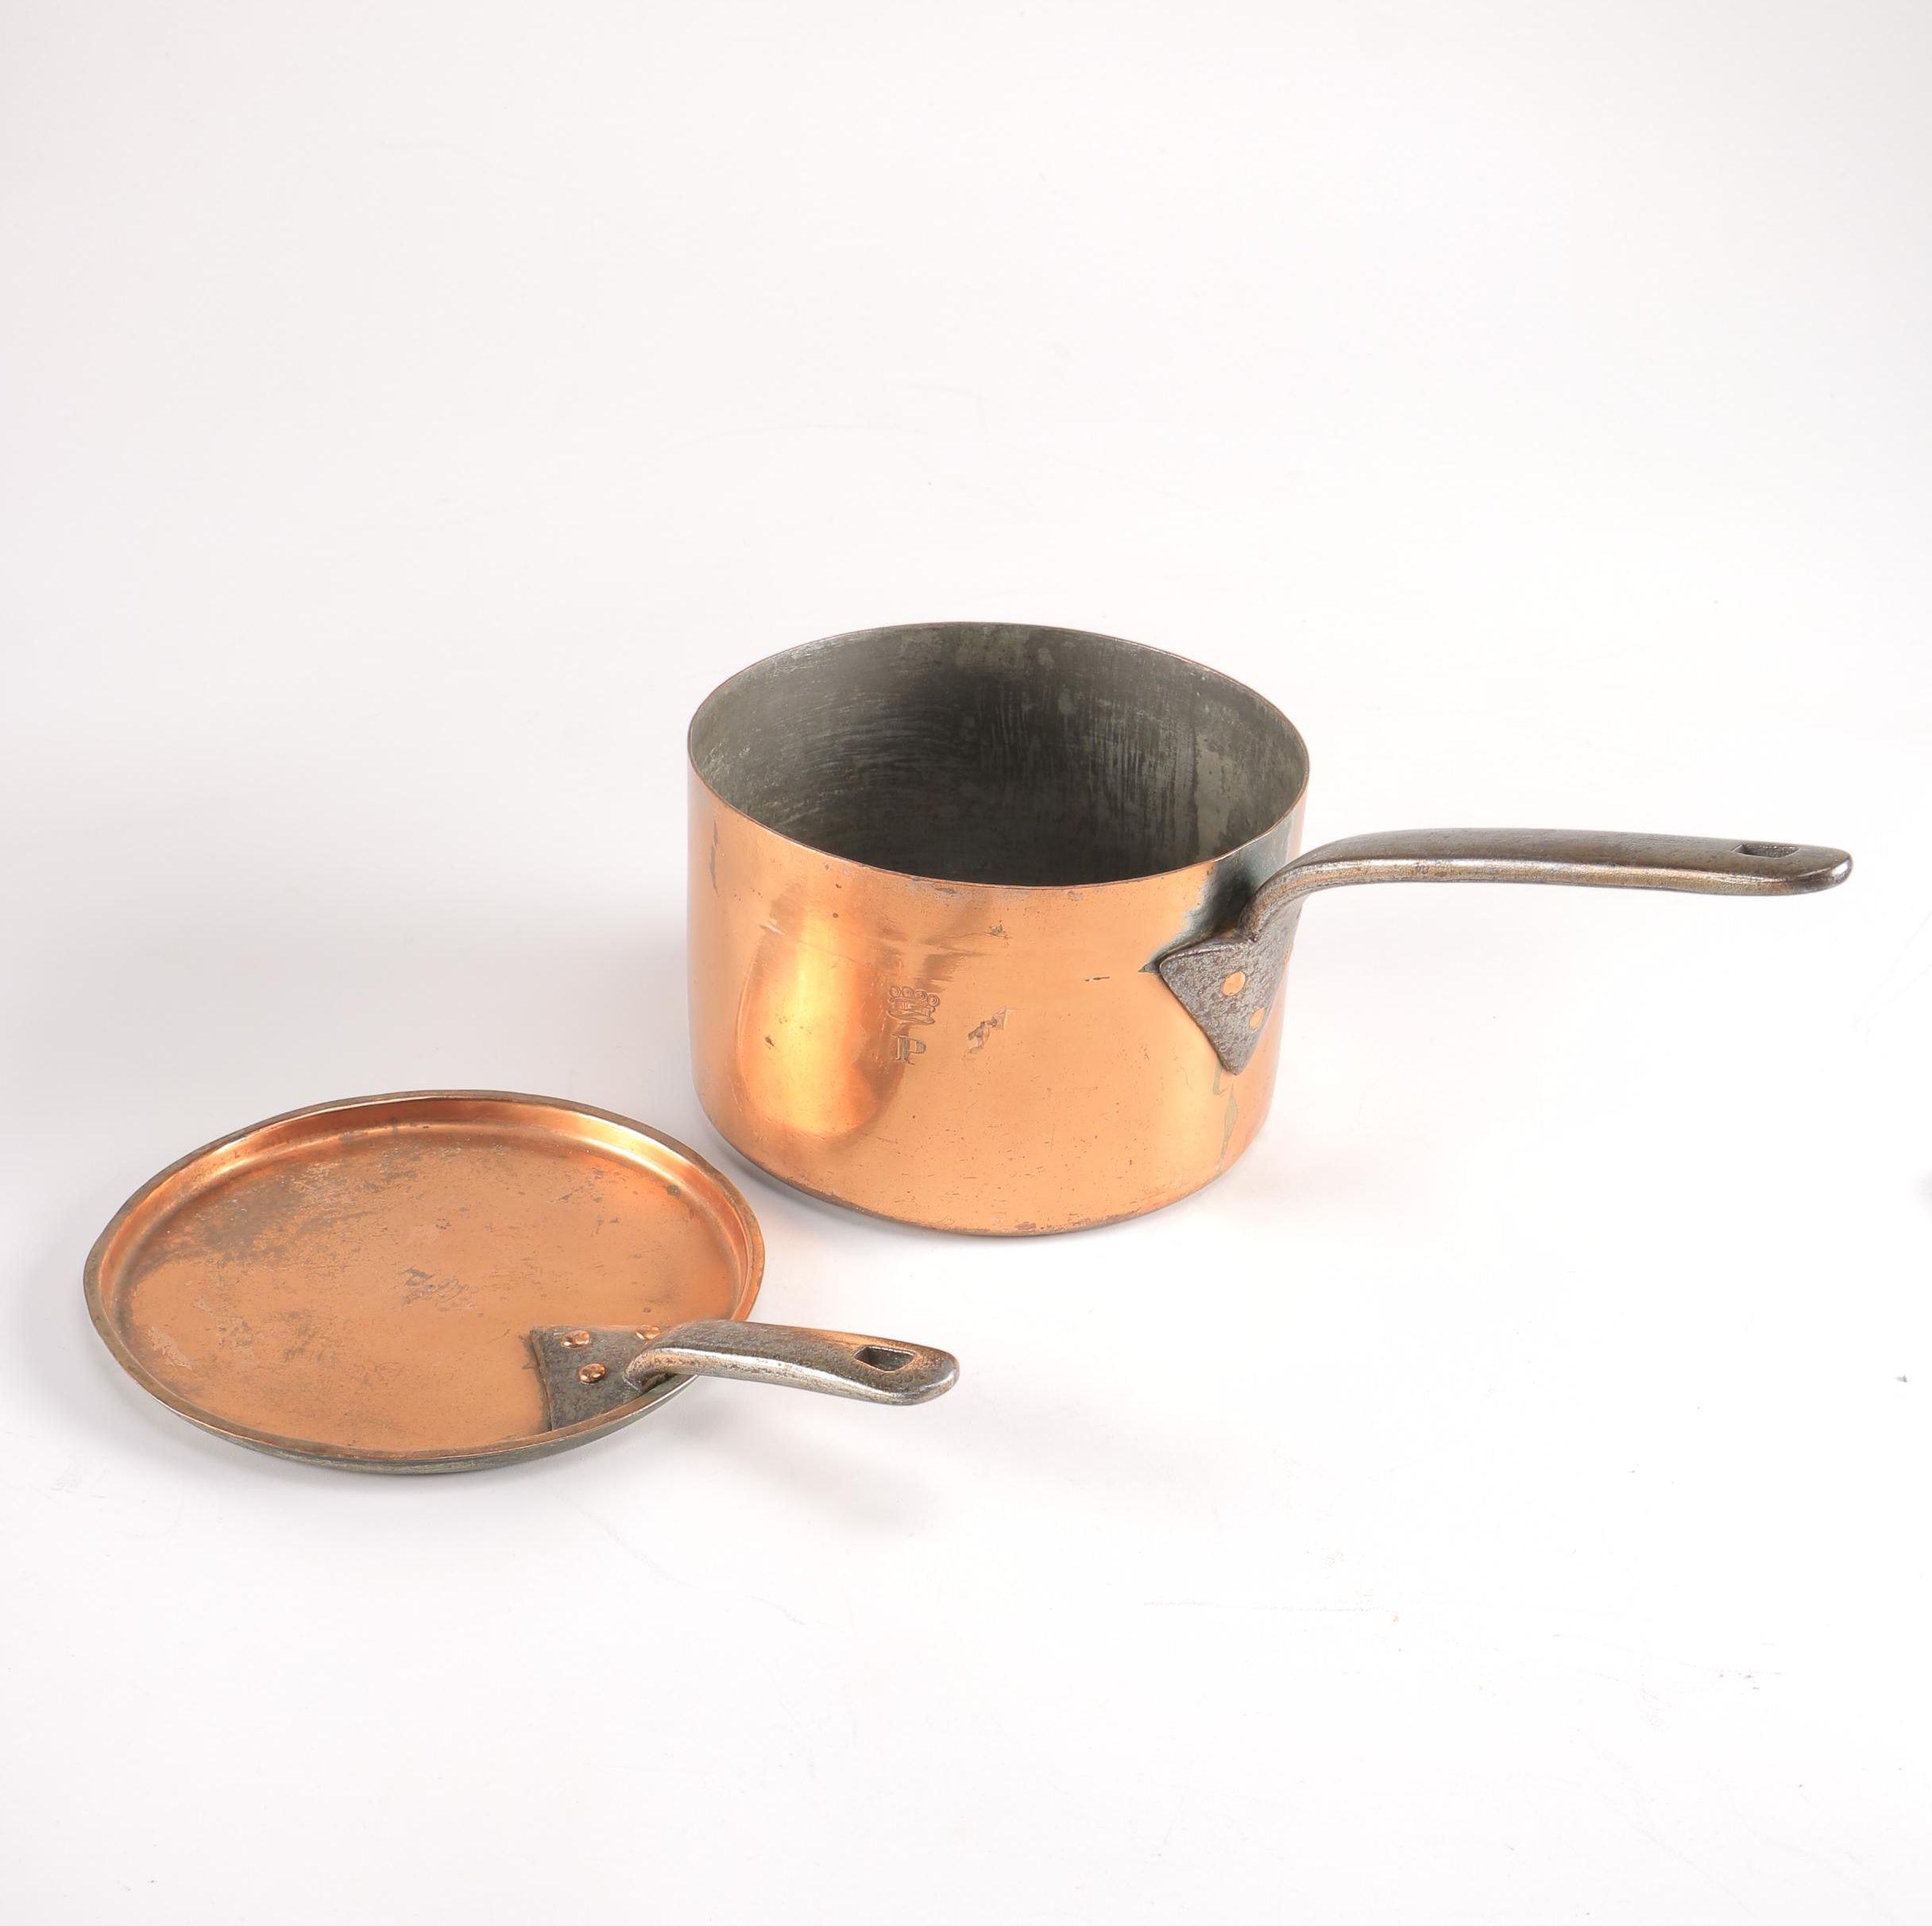 Lidded Copper Pot